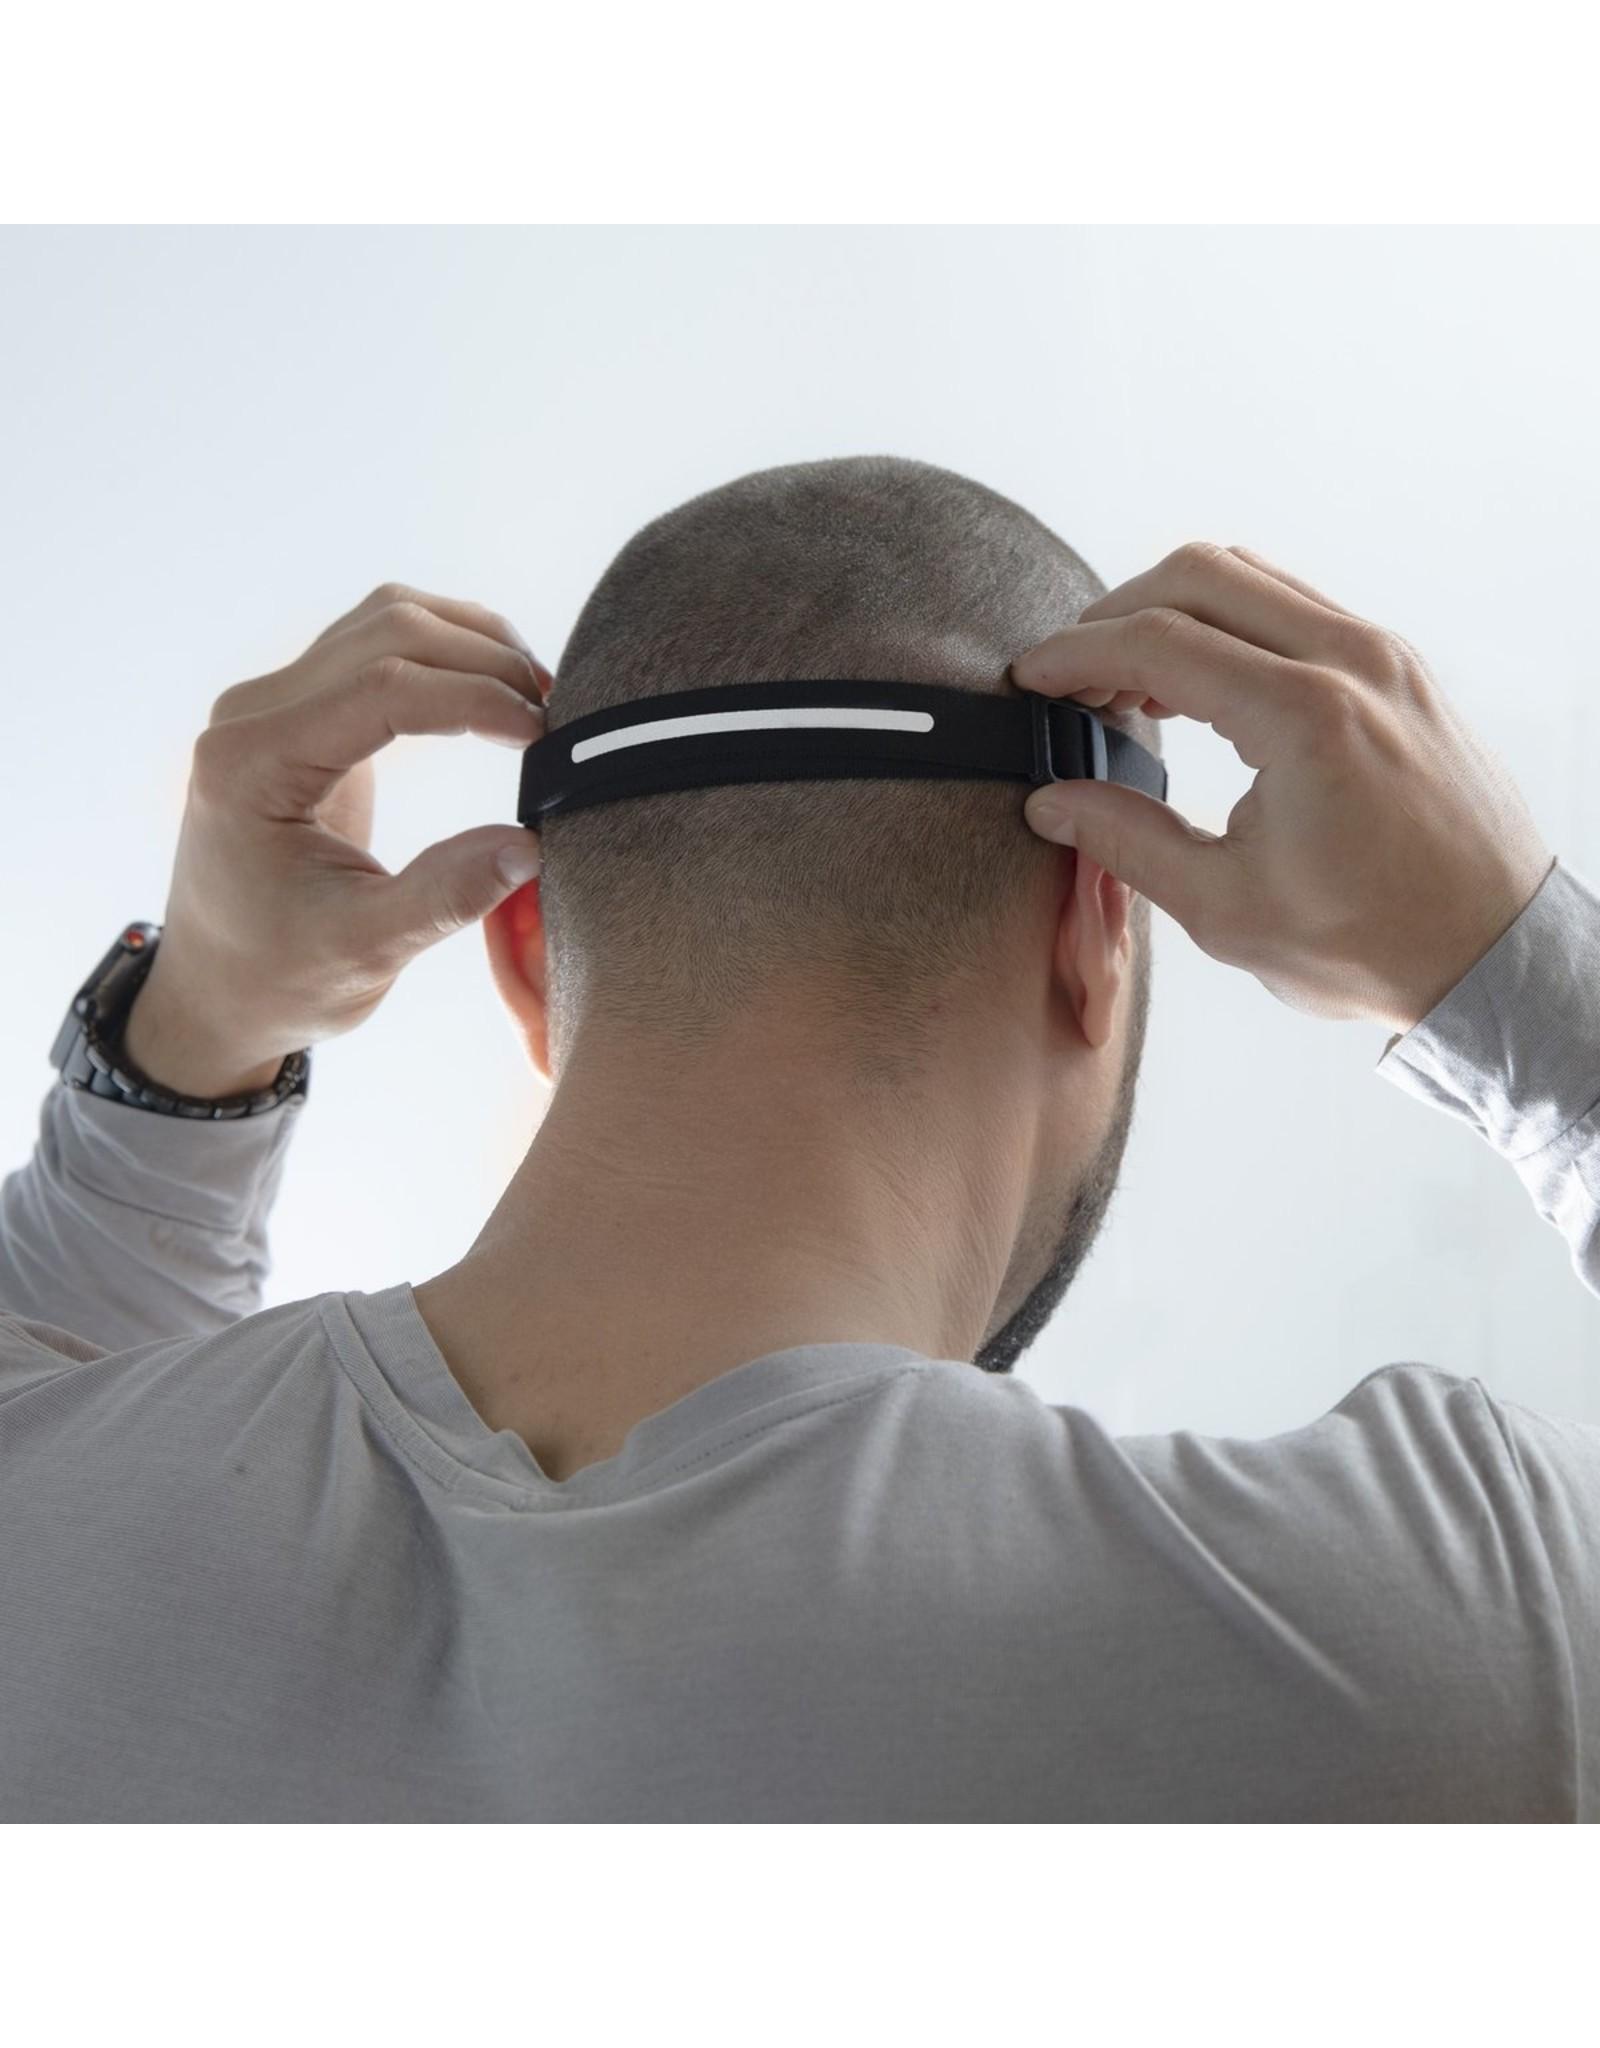 BioLite HeadLamp 200 - Ocean Teal